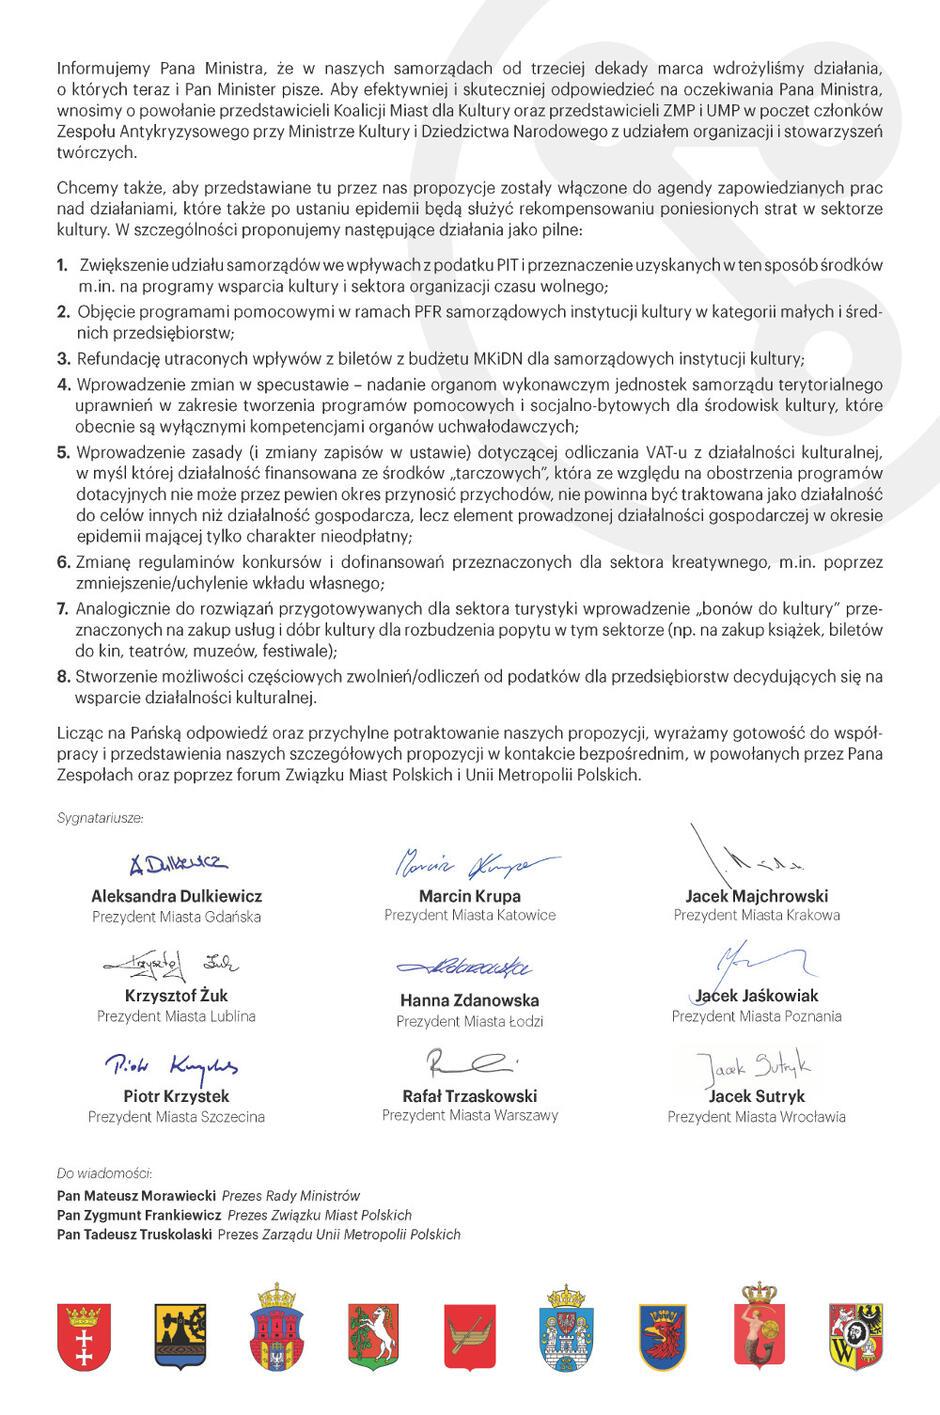 pismo_koalicja_miast_dla_kultury_30_04_2020_1__Strona_2